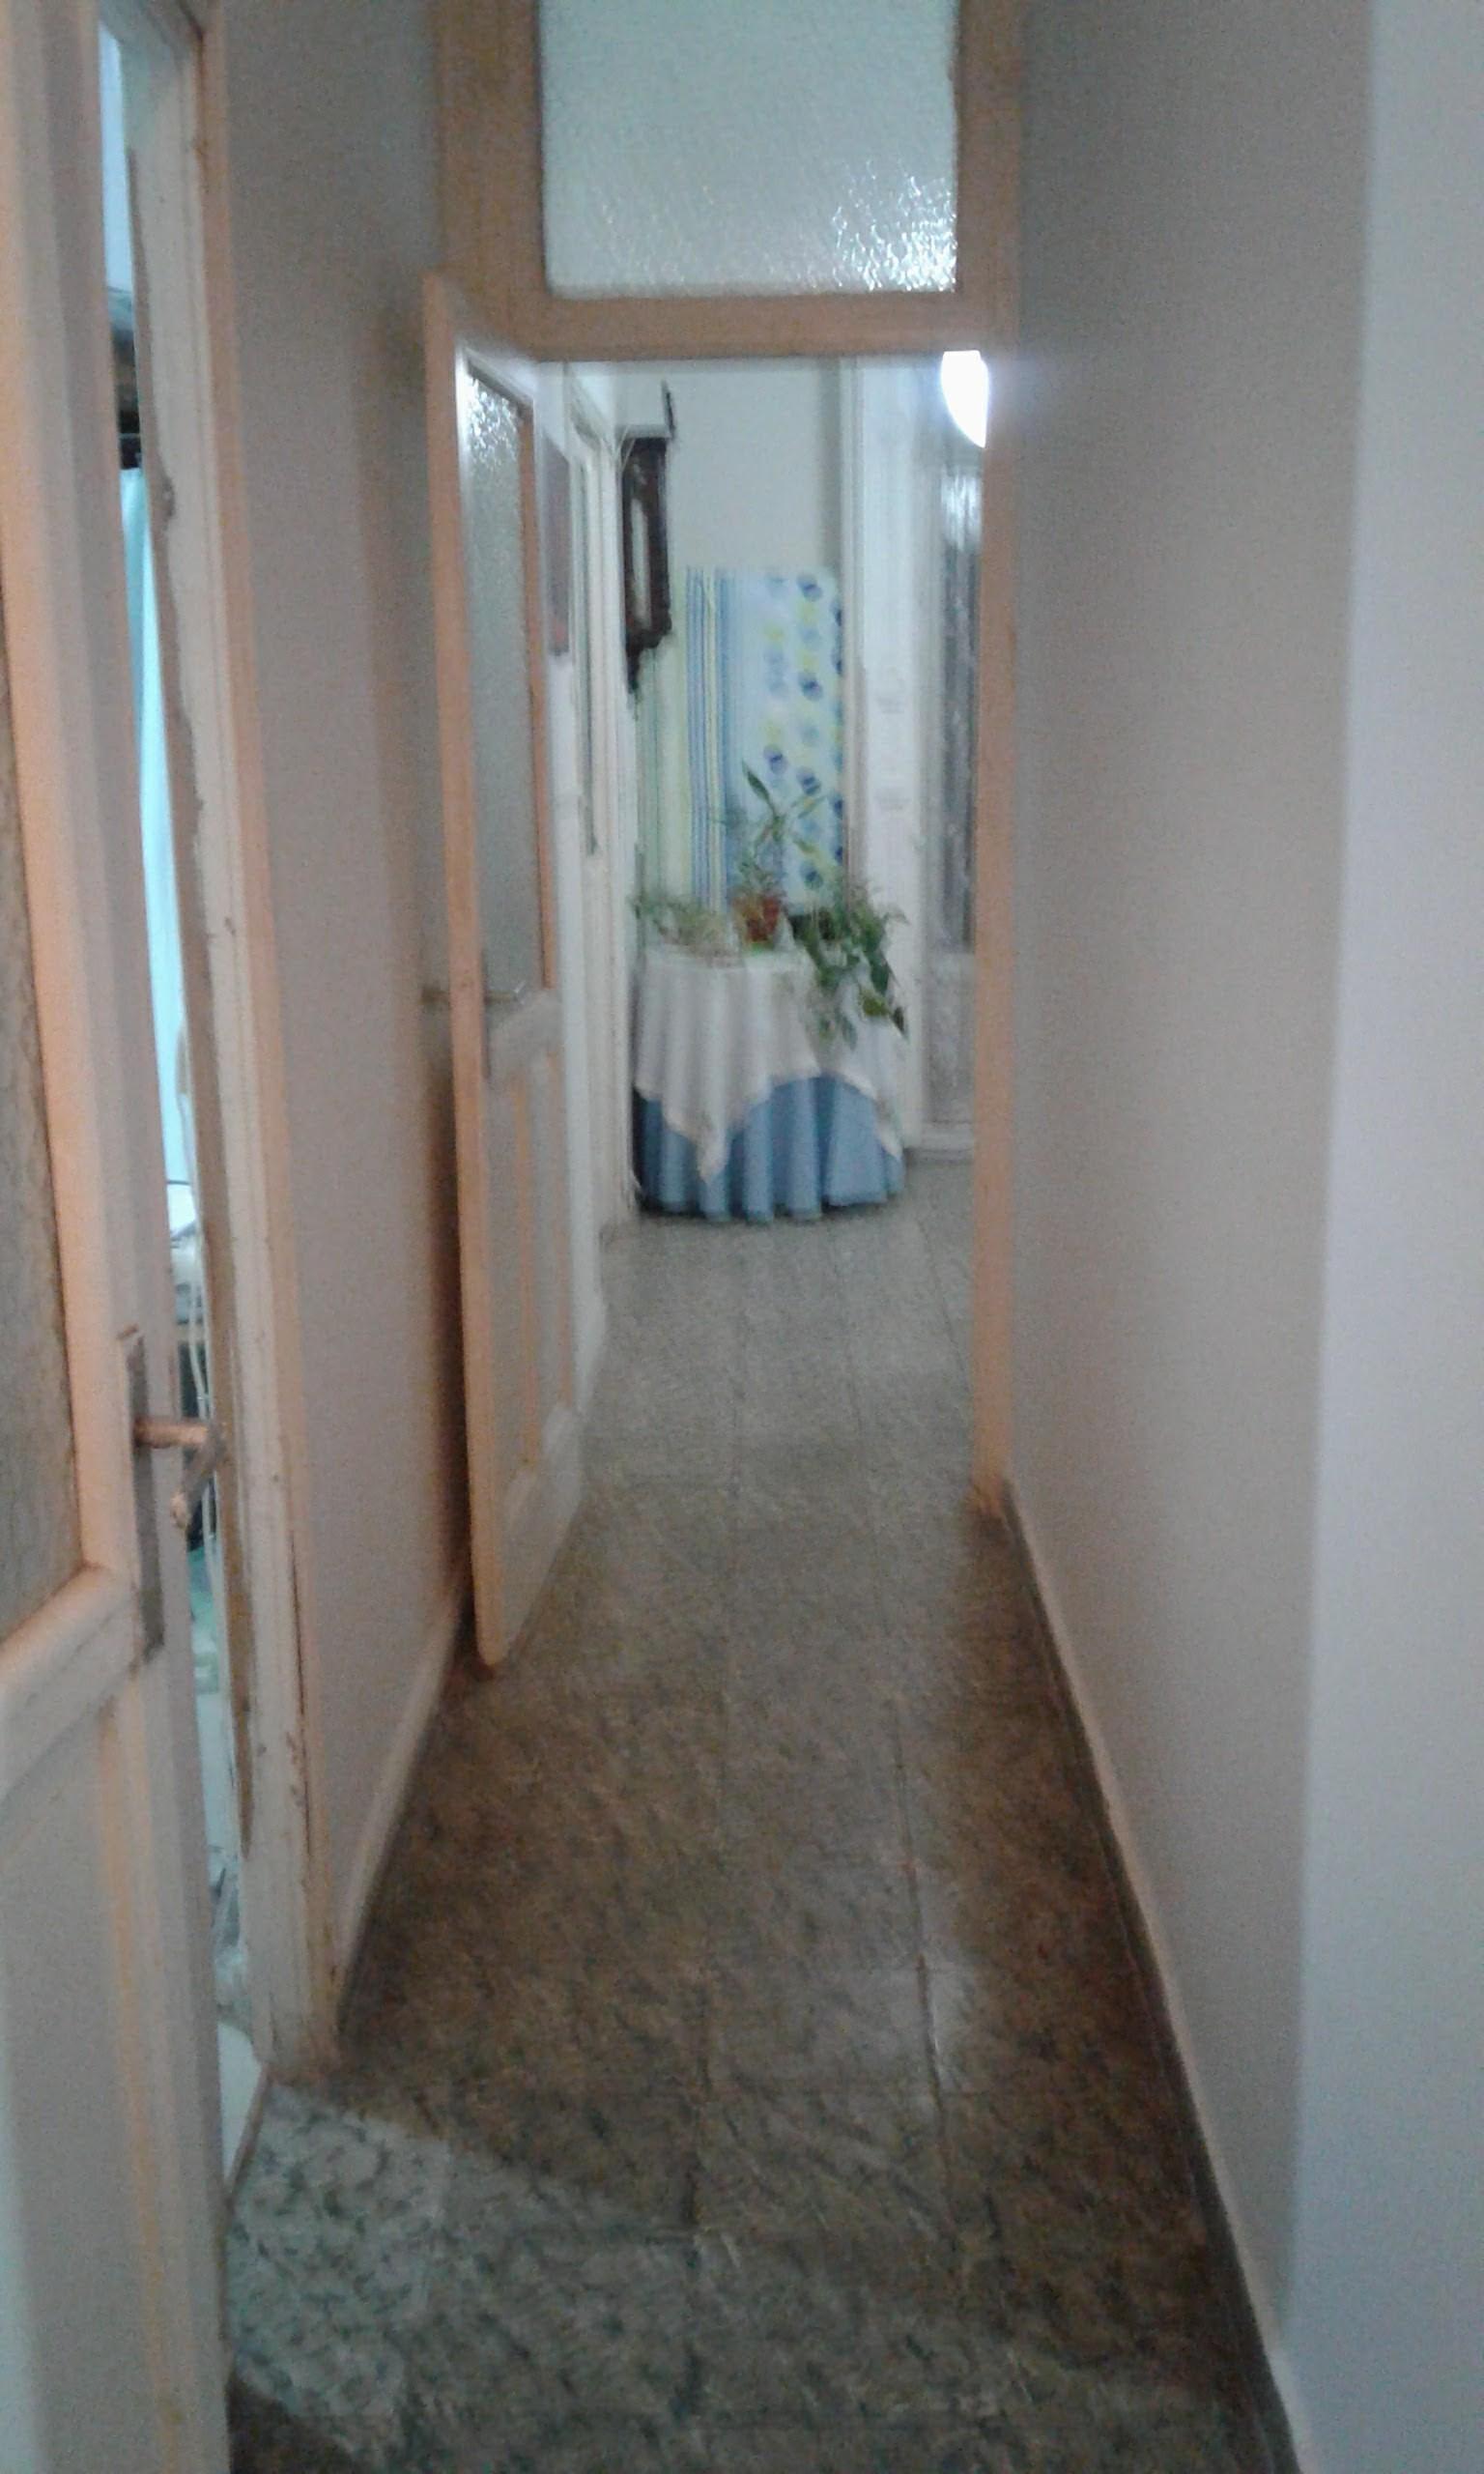 Piso antiguo bien conservado en pleno centro de madrid y muy barato alquiler habitaciones madrid - Alquiler de pisos en madrid baratos ...